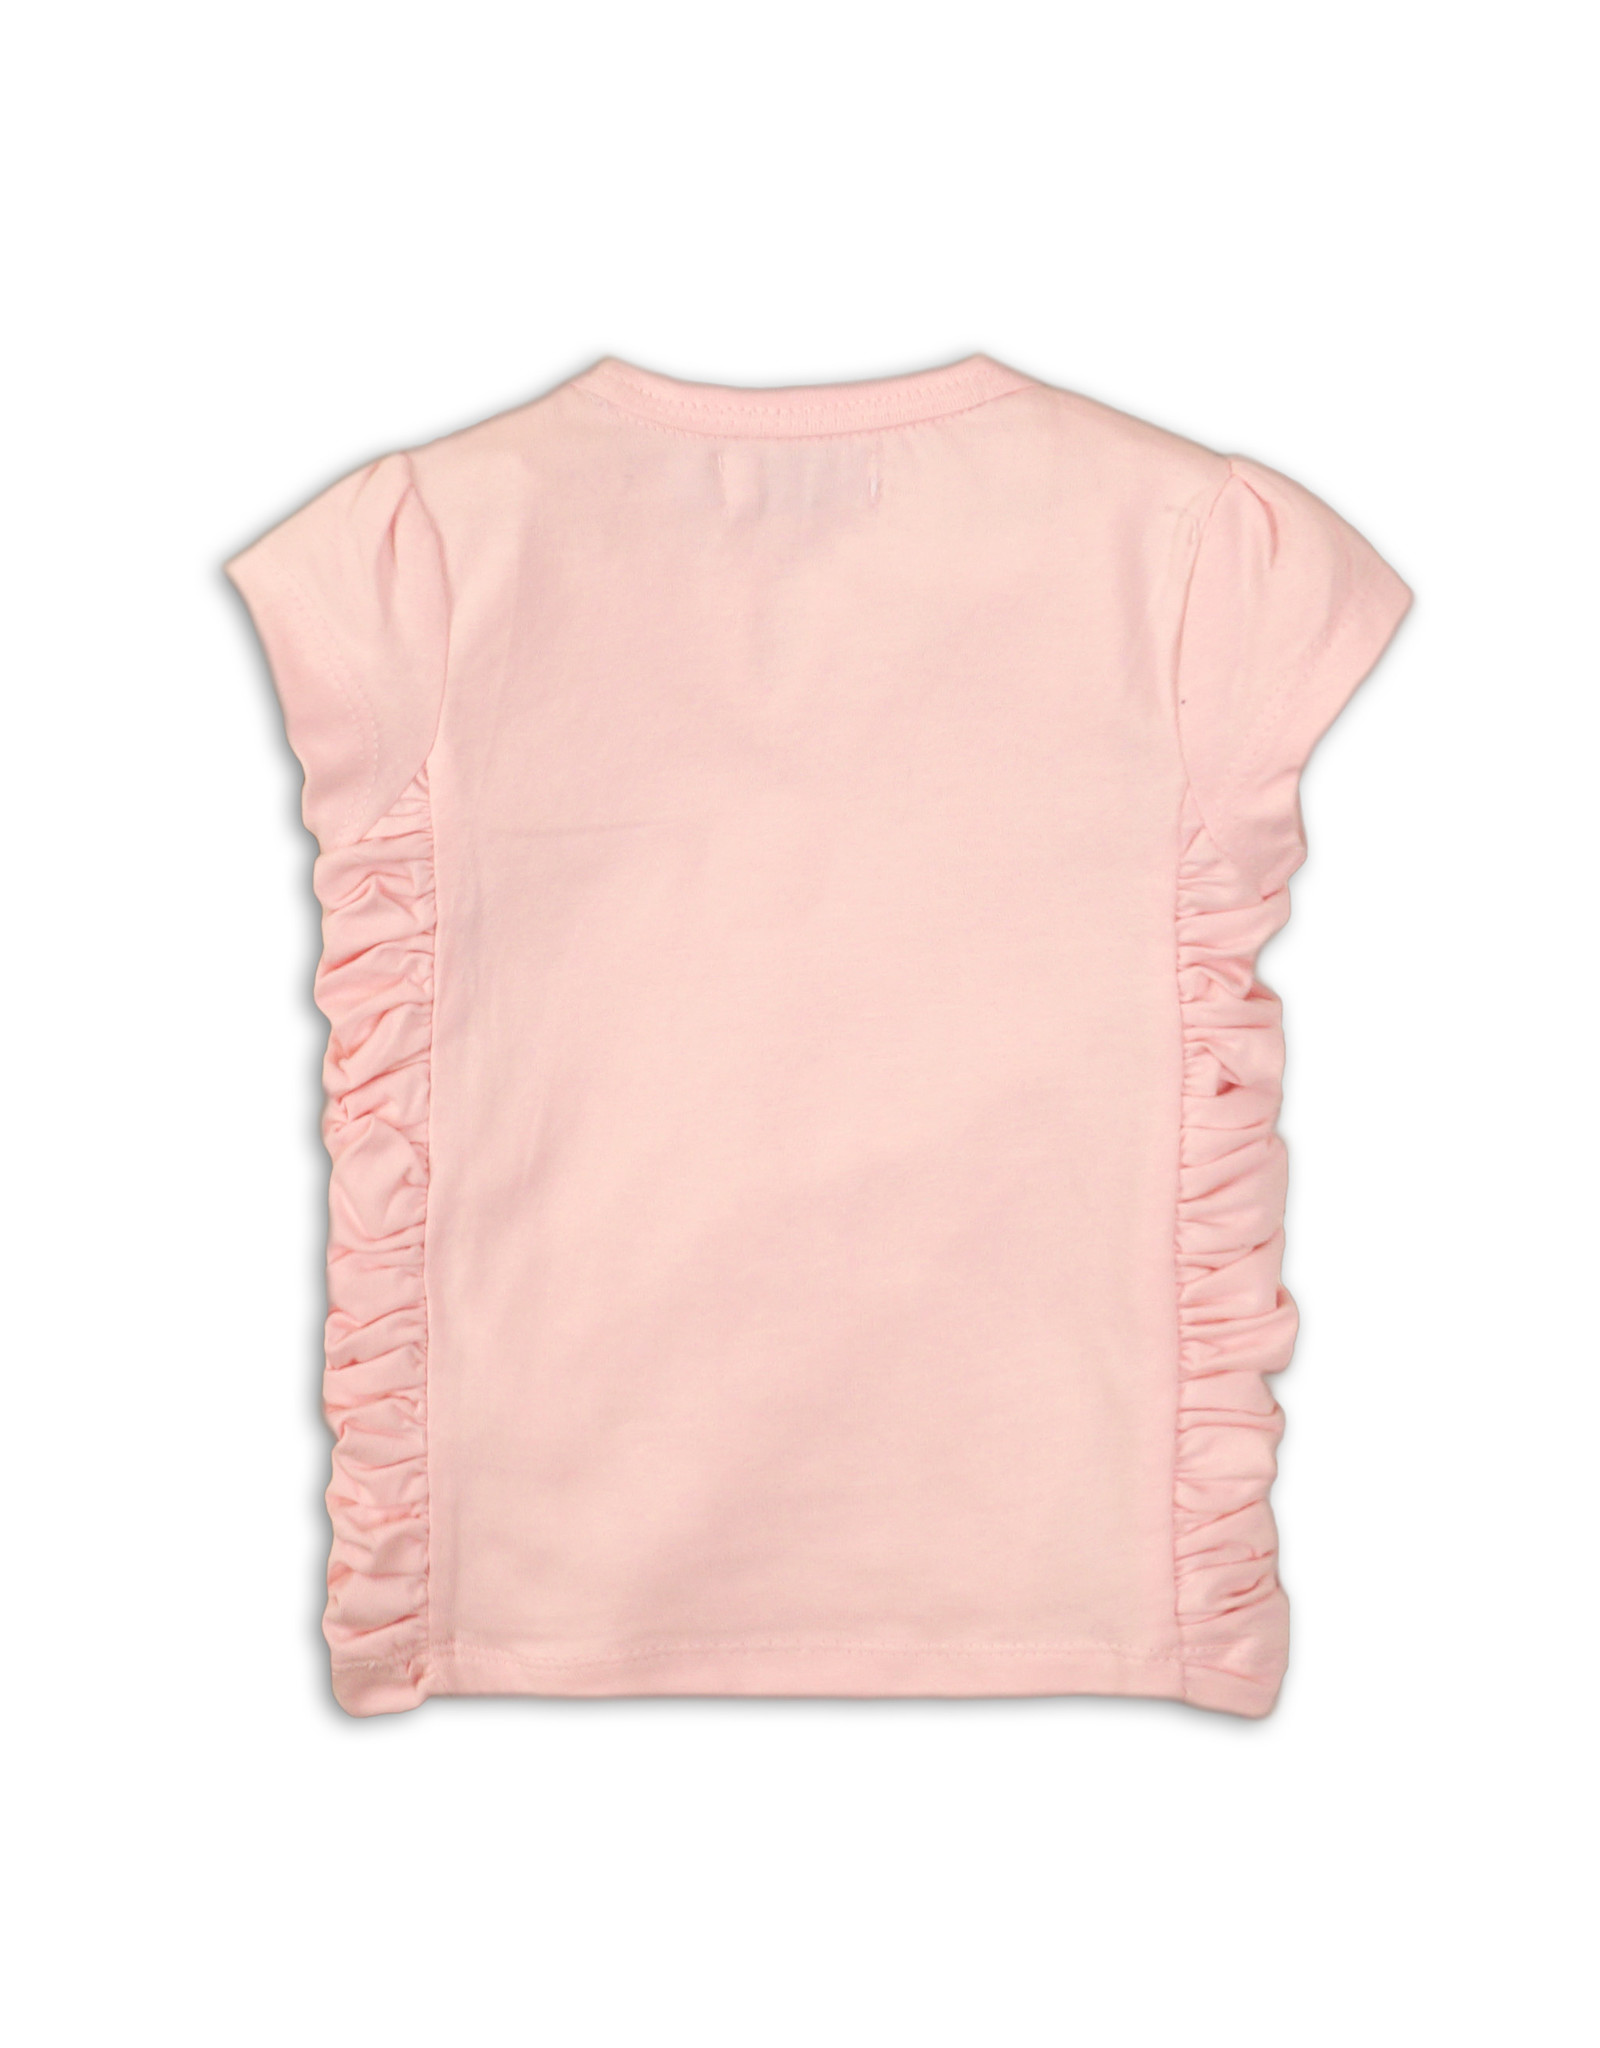 Dirkje Dirkje baby meisjes t-shirt Hearts Light Pink